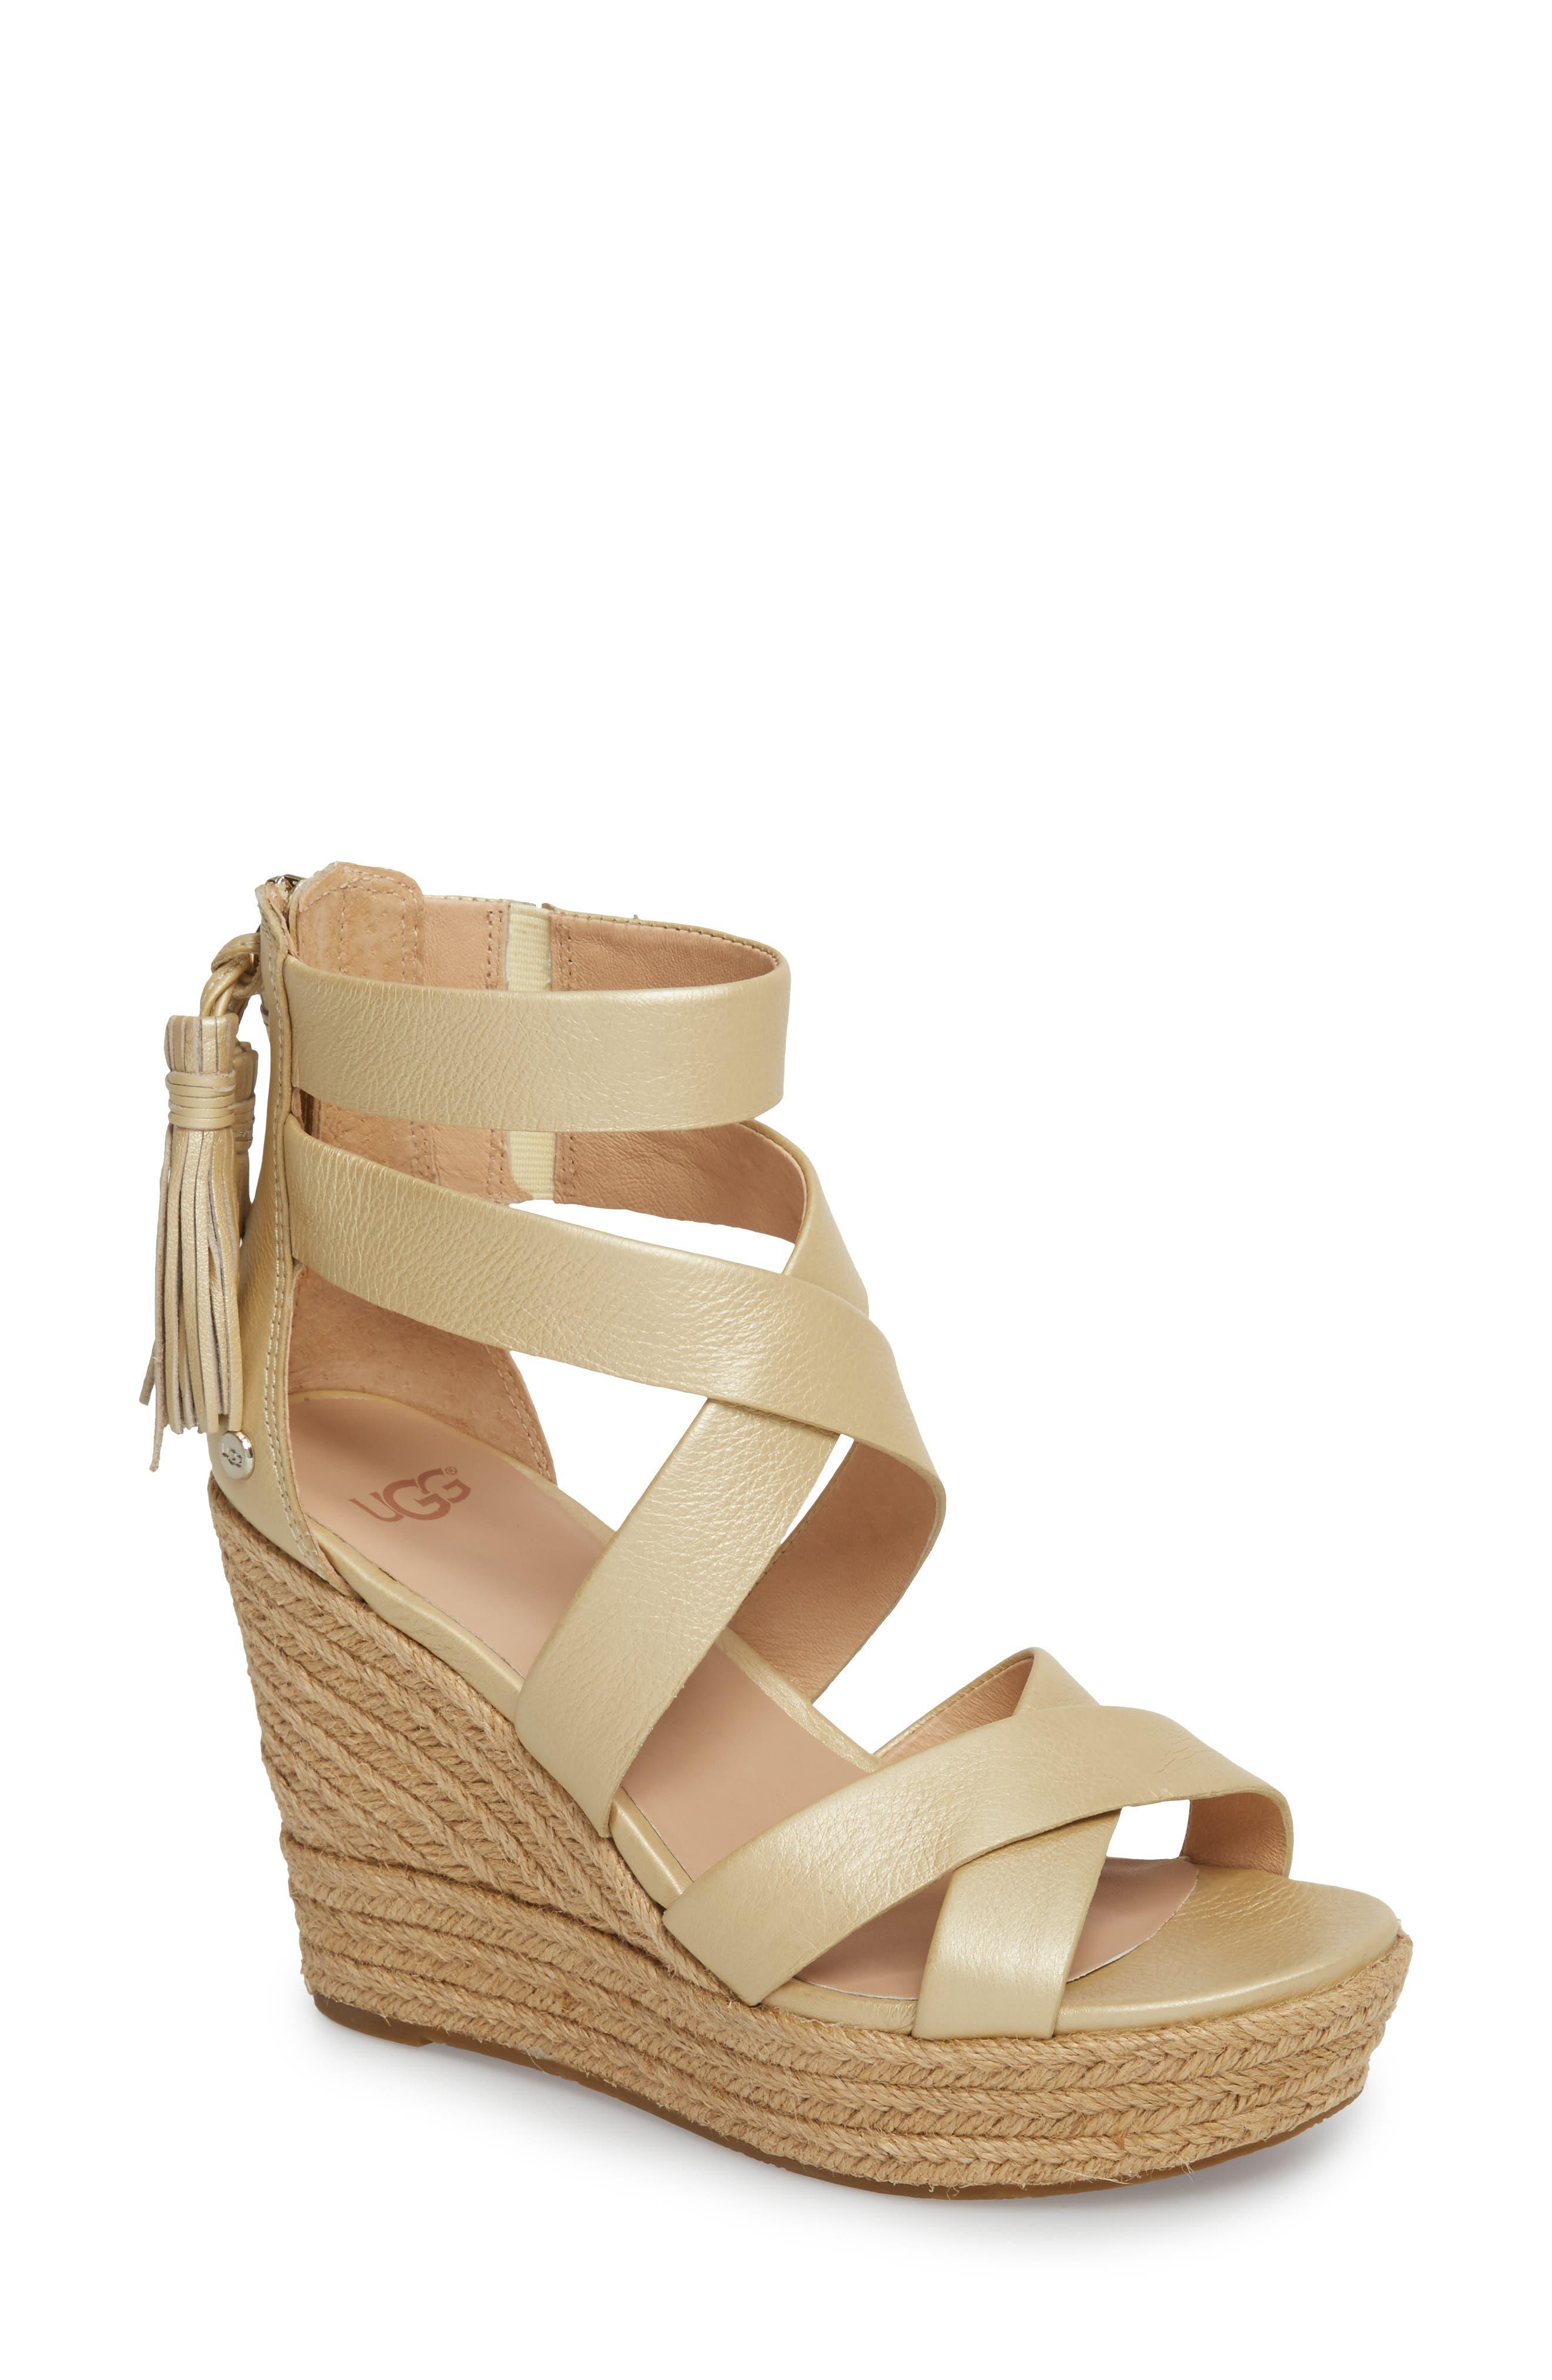 Raquel Platform Wedge Sandal,                             Main thumbnail 1, color,                             Soft Gold Leather